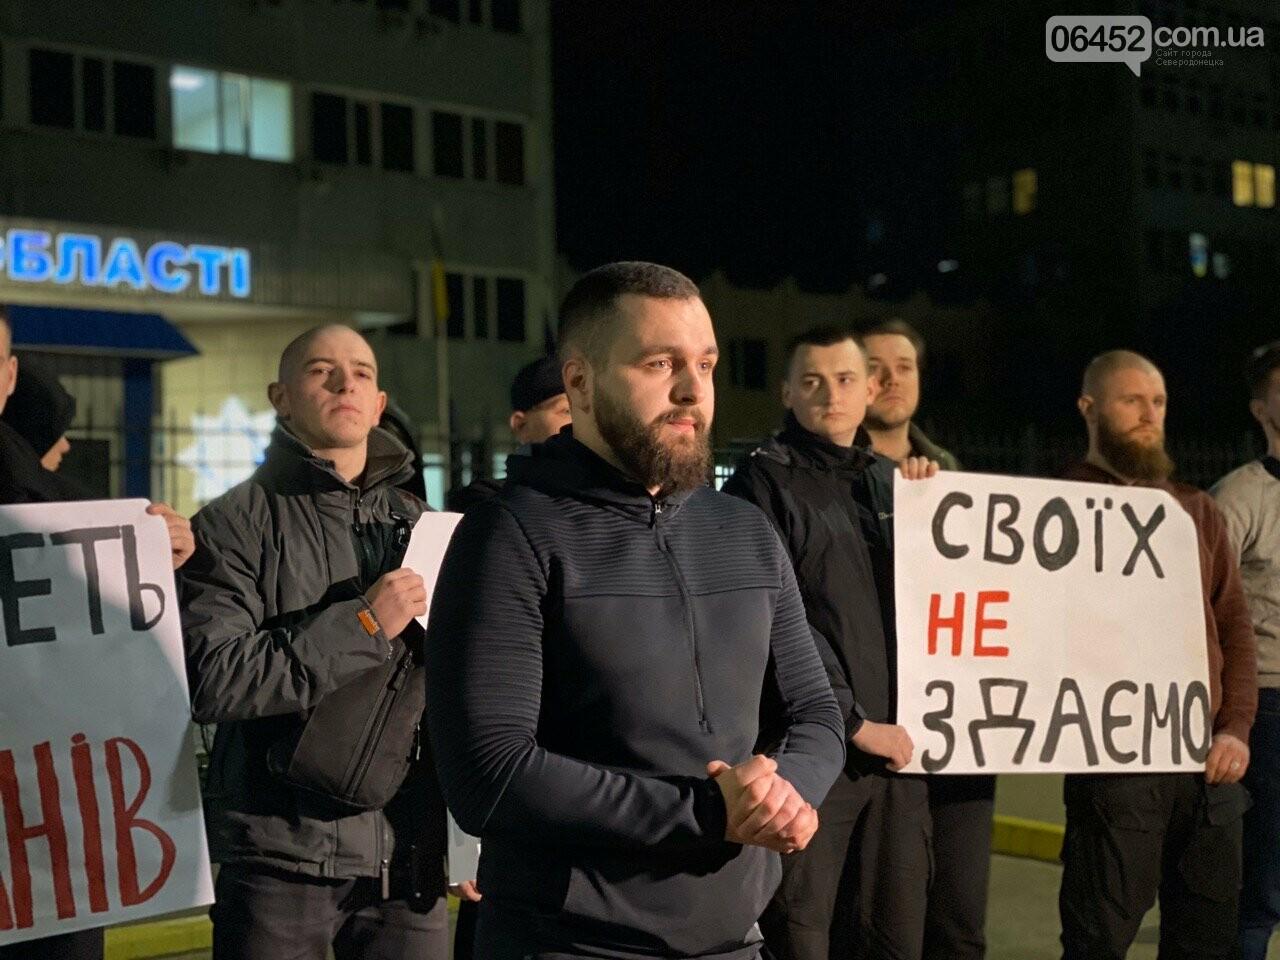 В Северодонецке прошла акция Нацкорпуса против ареста активистов, фото-1